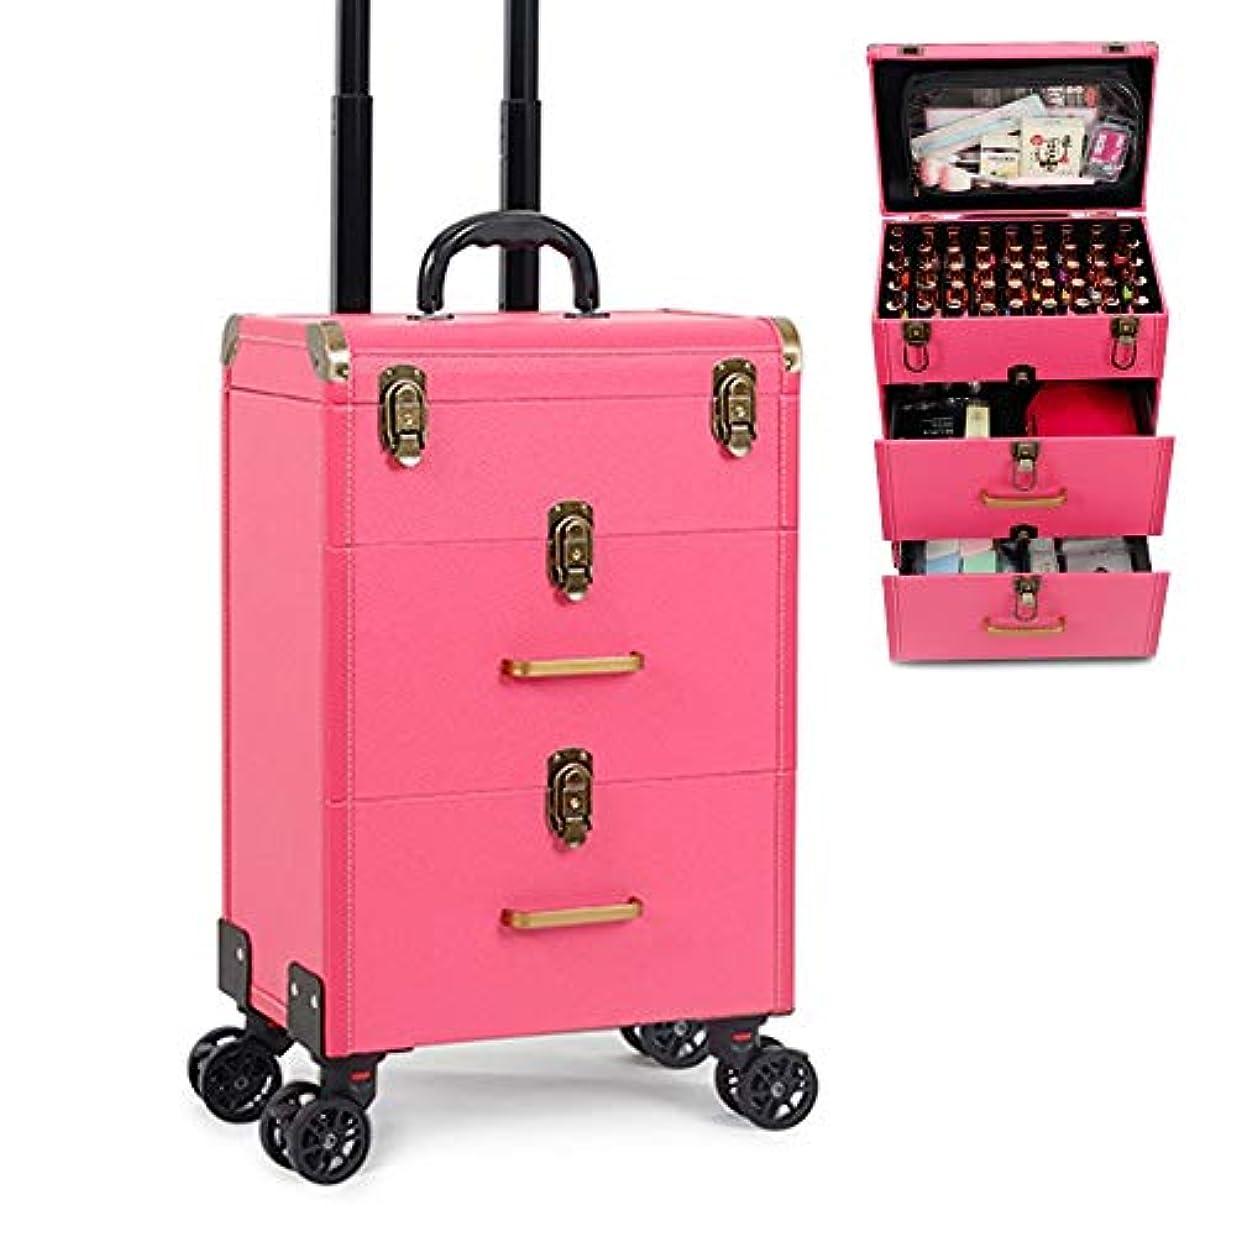 広い矩形賞賛するローリング化粧品オーガナイザー、トロリー化粧品ボックス、トロリー化粧品収納、美容化粧台ケース、ロック可能なキー付き、スライド式引き出しPink A